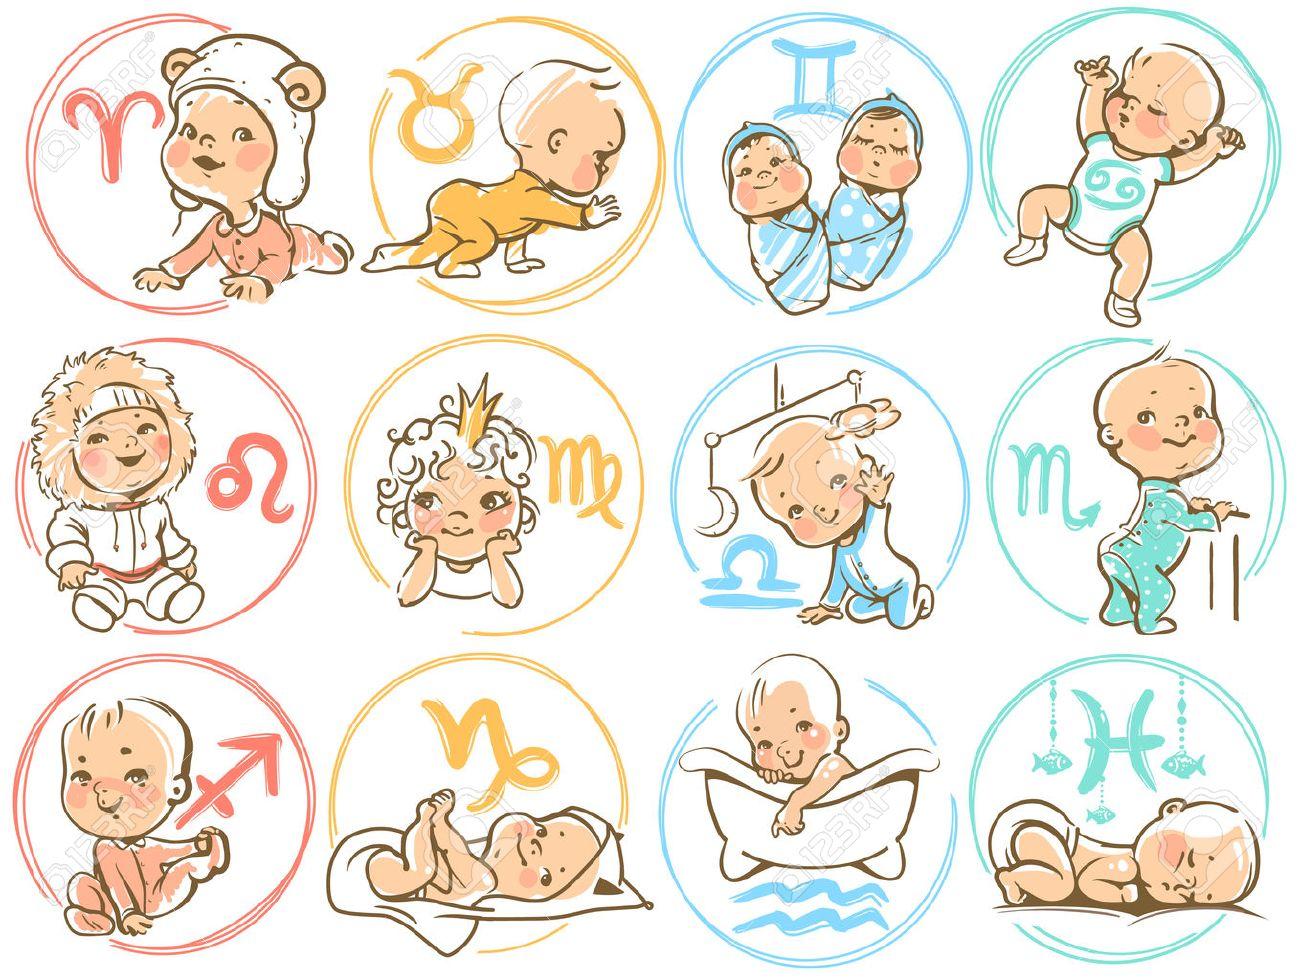 Horoscopul bebelusilor - Cele 12 zodii